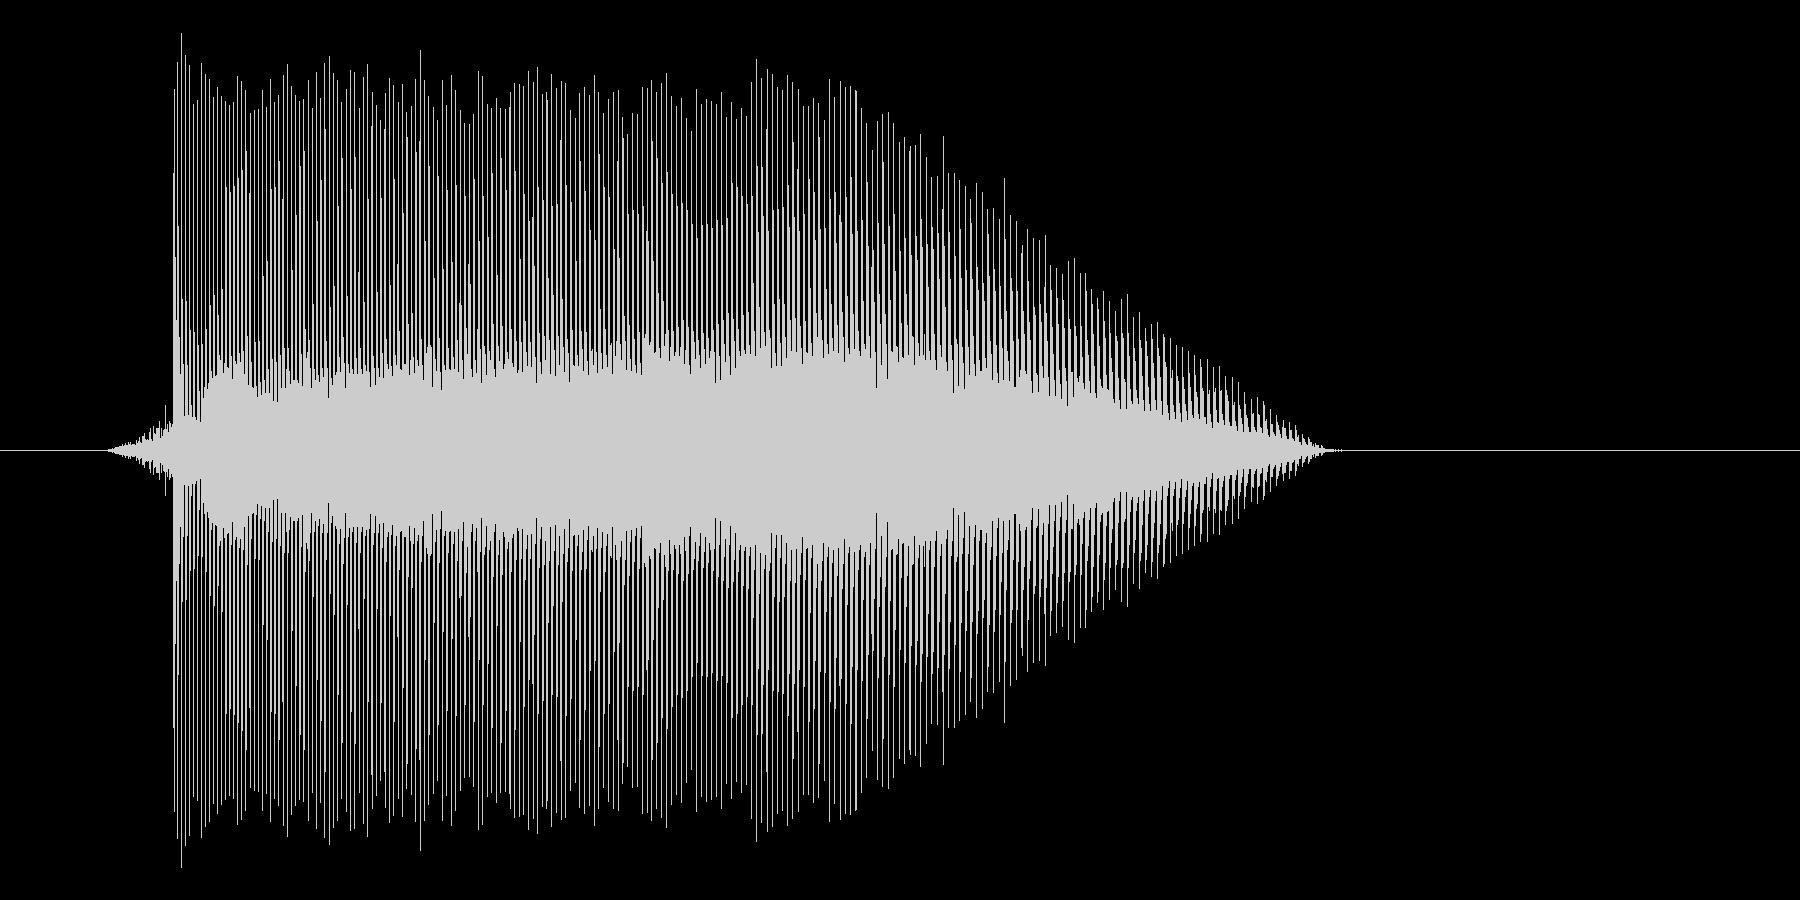 ゲーム(ファミコン風)レーザー音_015の未再生の波形